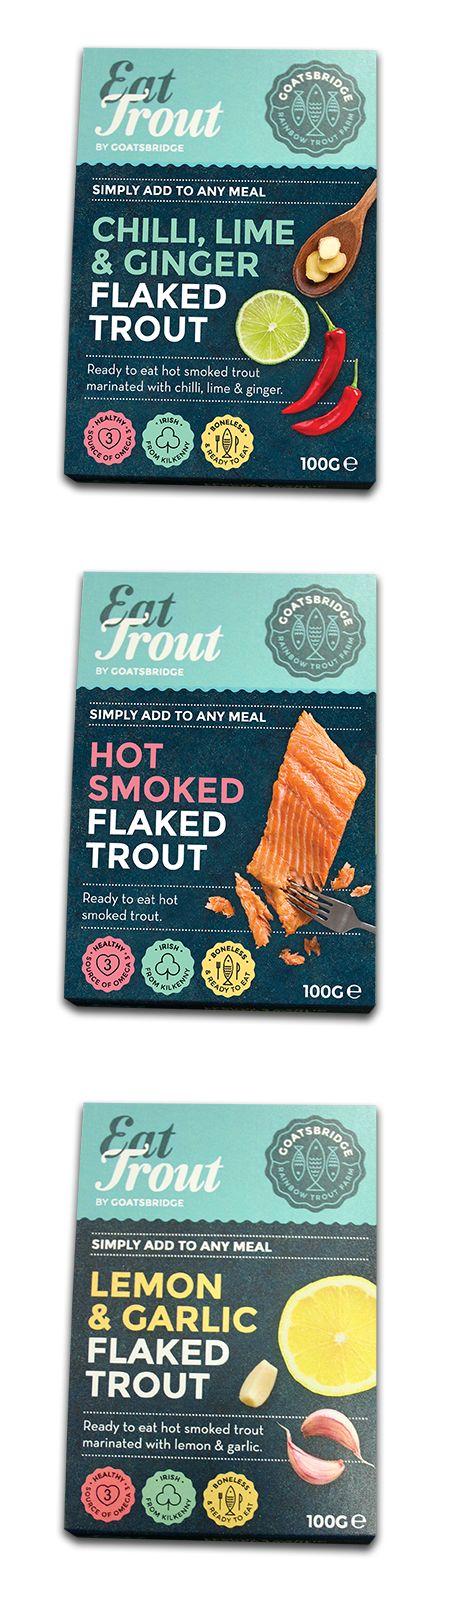 Eat Trout, Goastbridge.  Sleeves printed digitally by esmark finch.